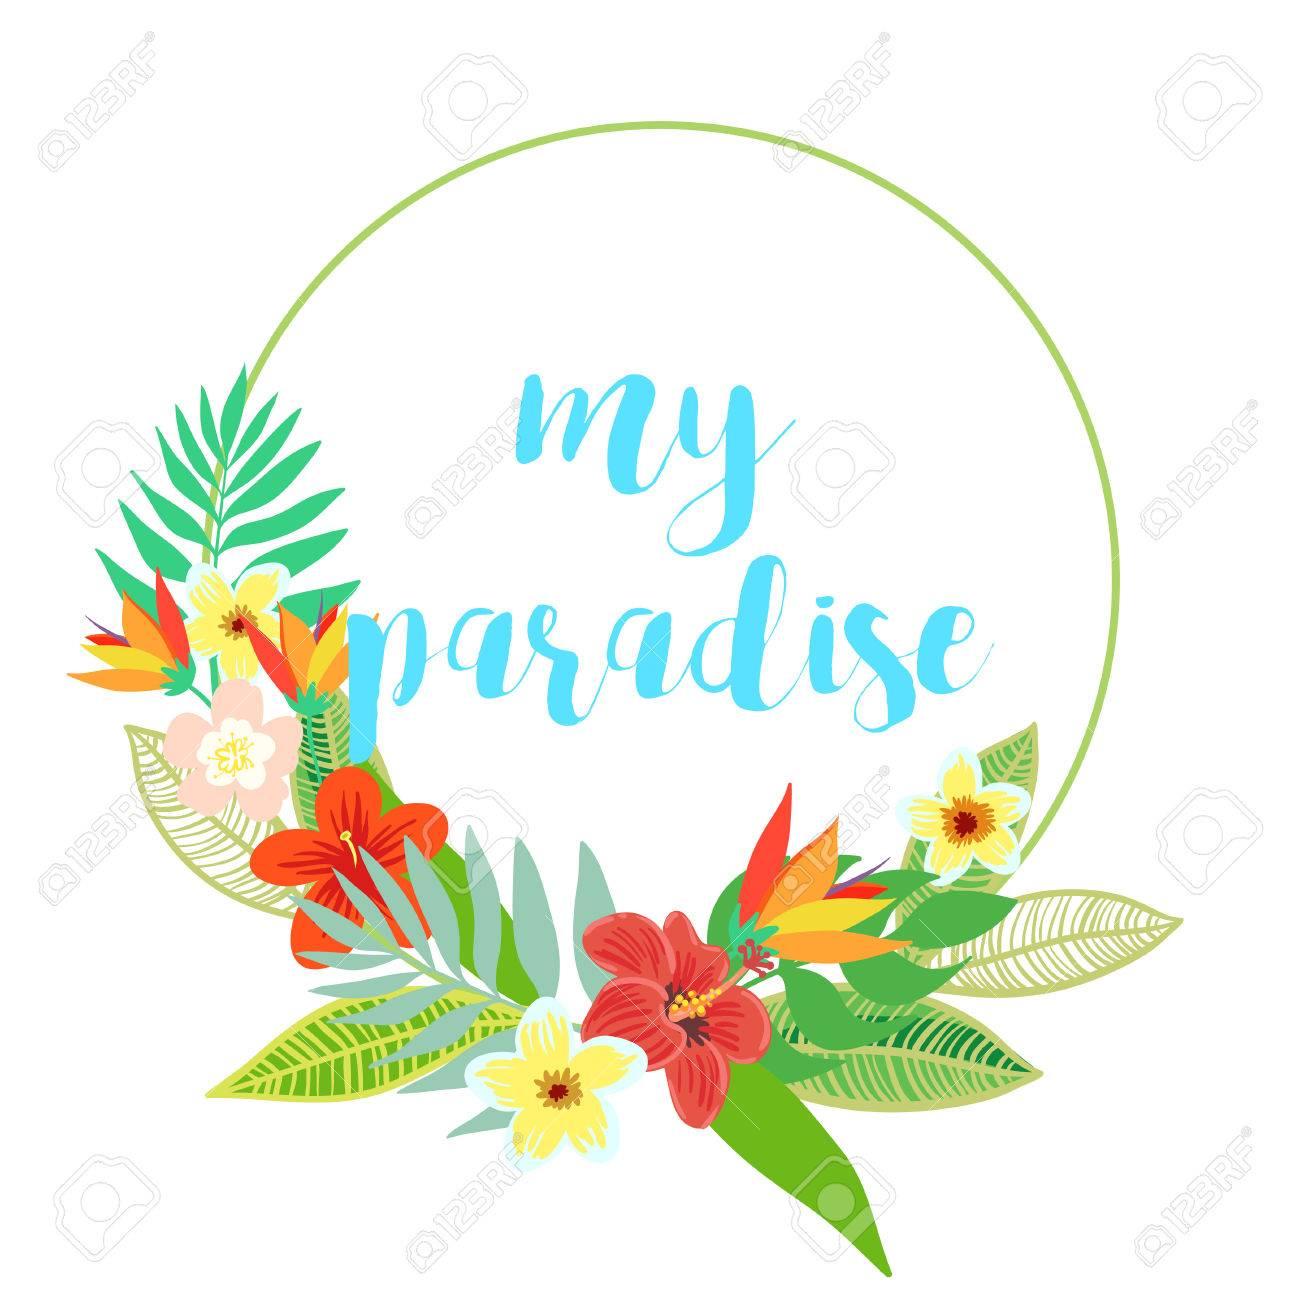 Schöne Vektor Blumen Dschungel Rahmen Kranz. Bunte Tropische Blumen ...